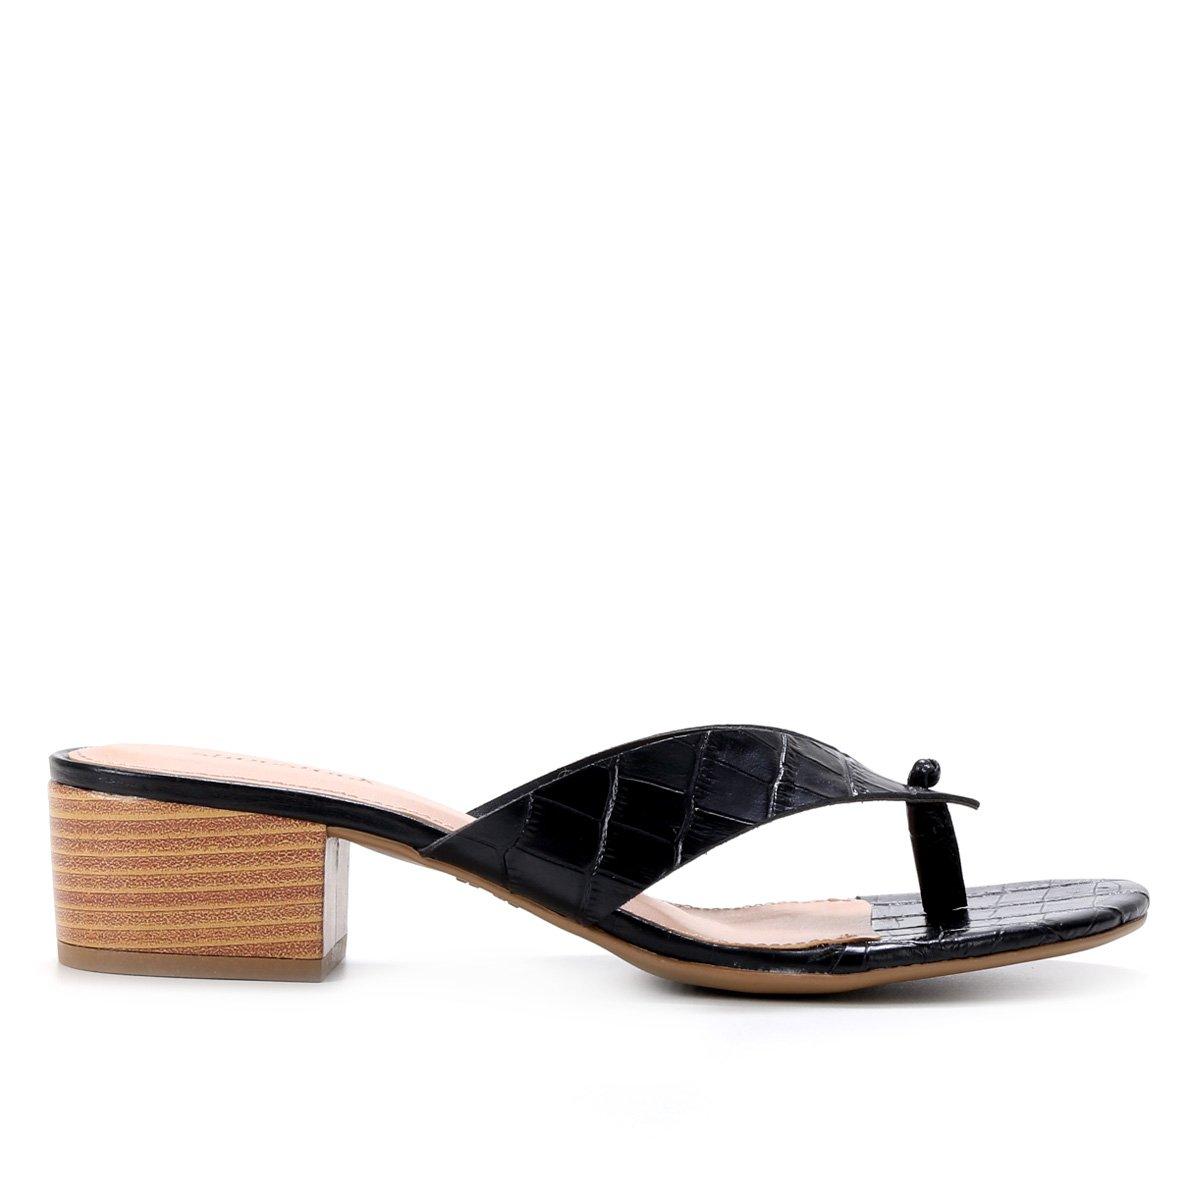 Tamanco Couro Shoestock Croco Salto Bloco